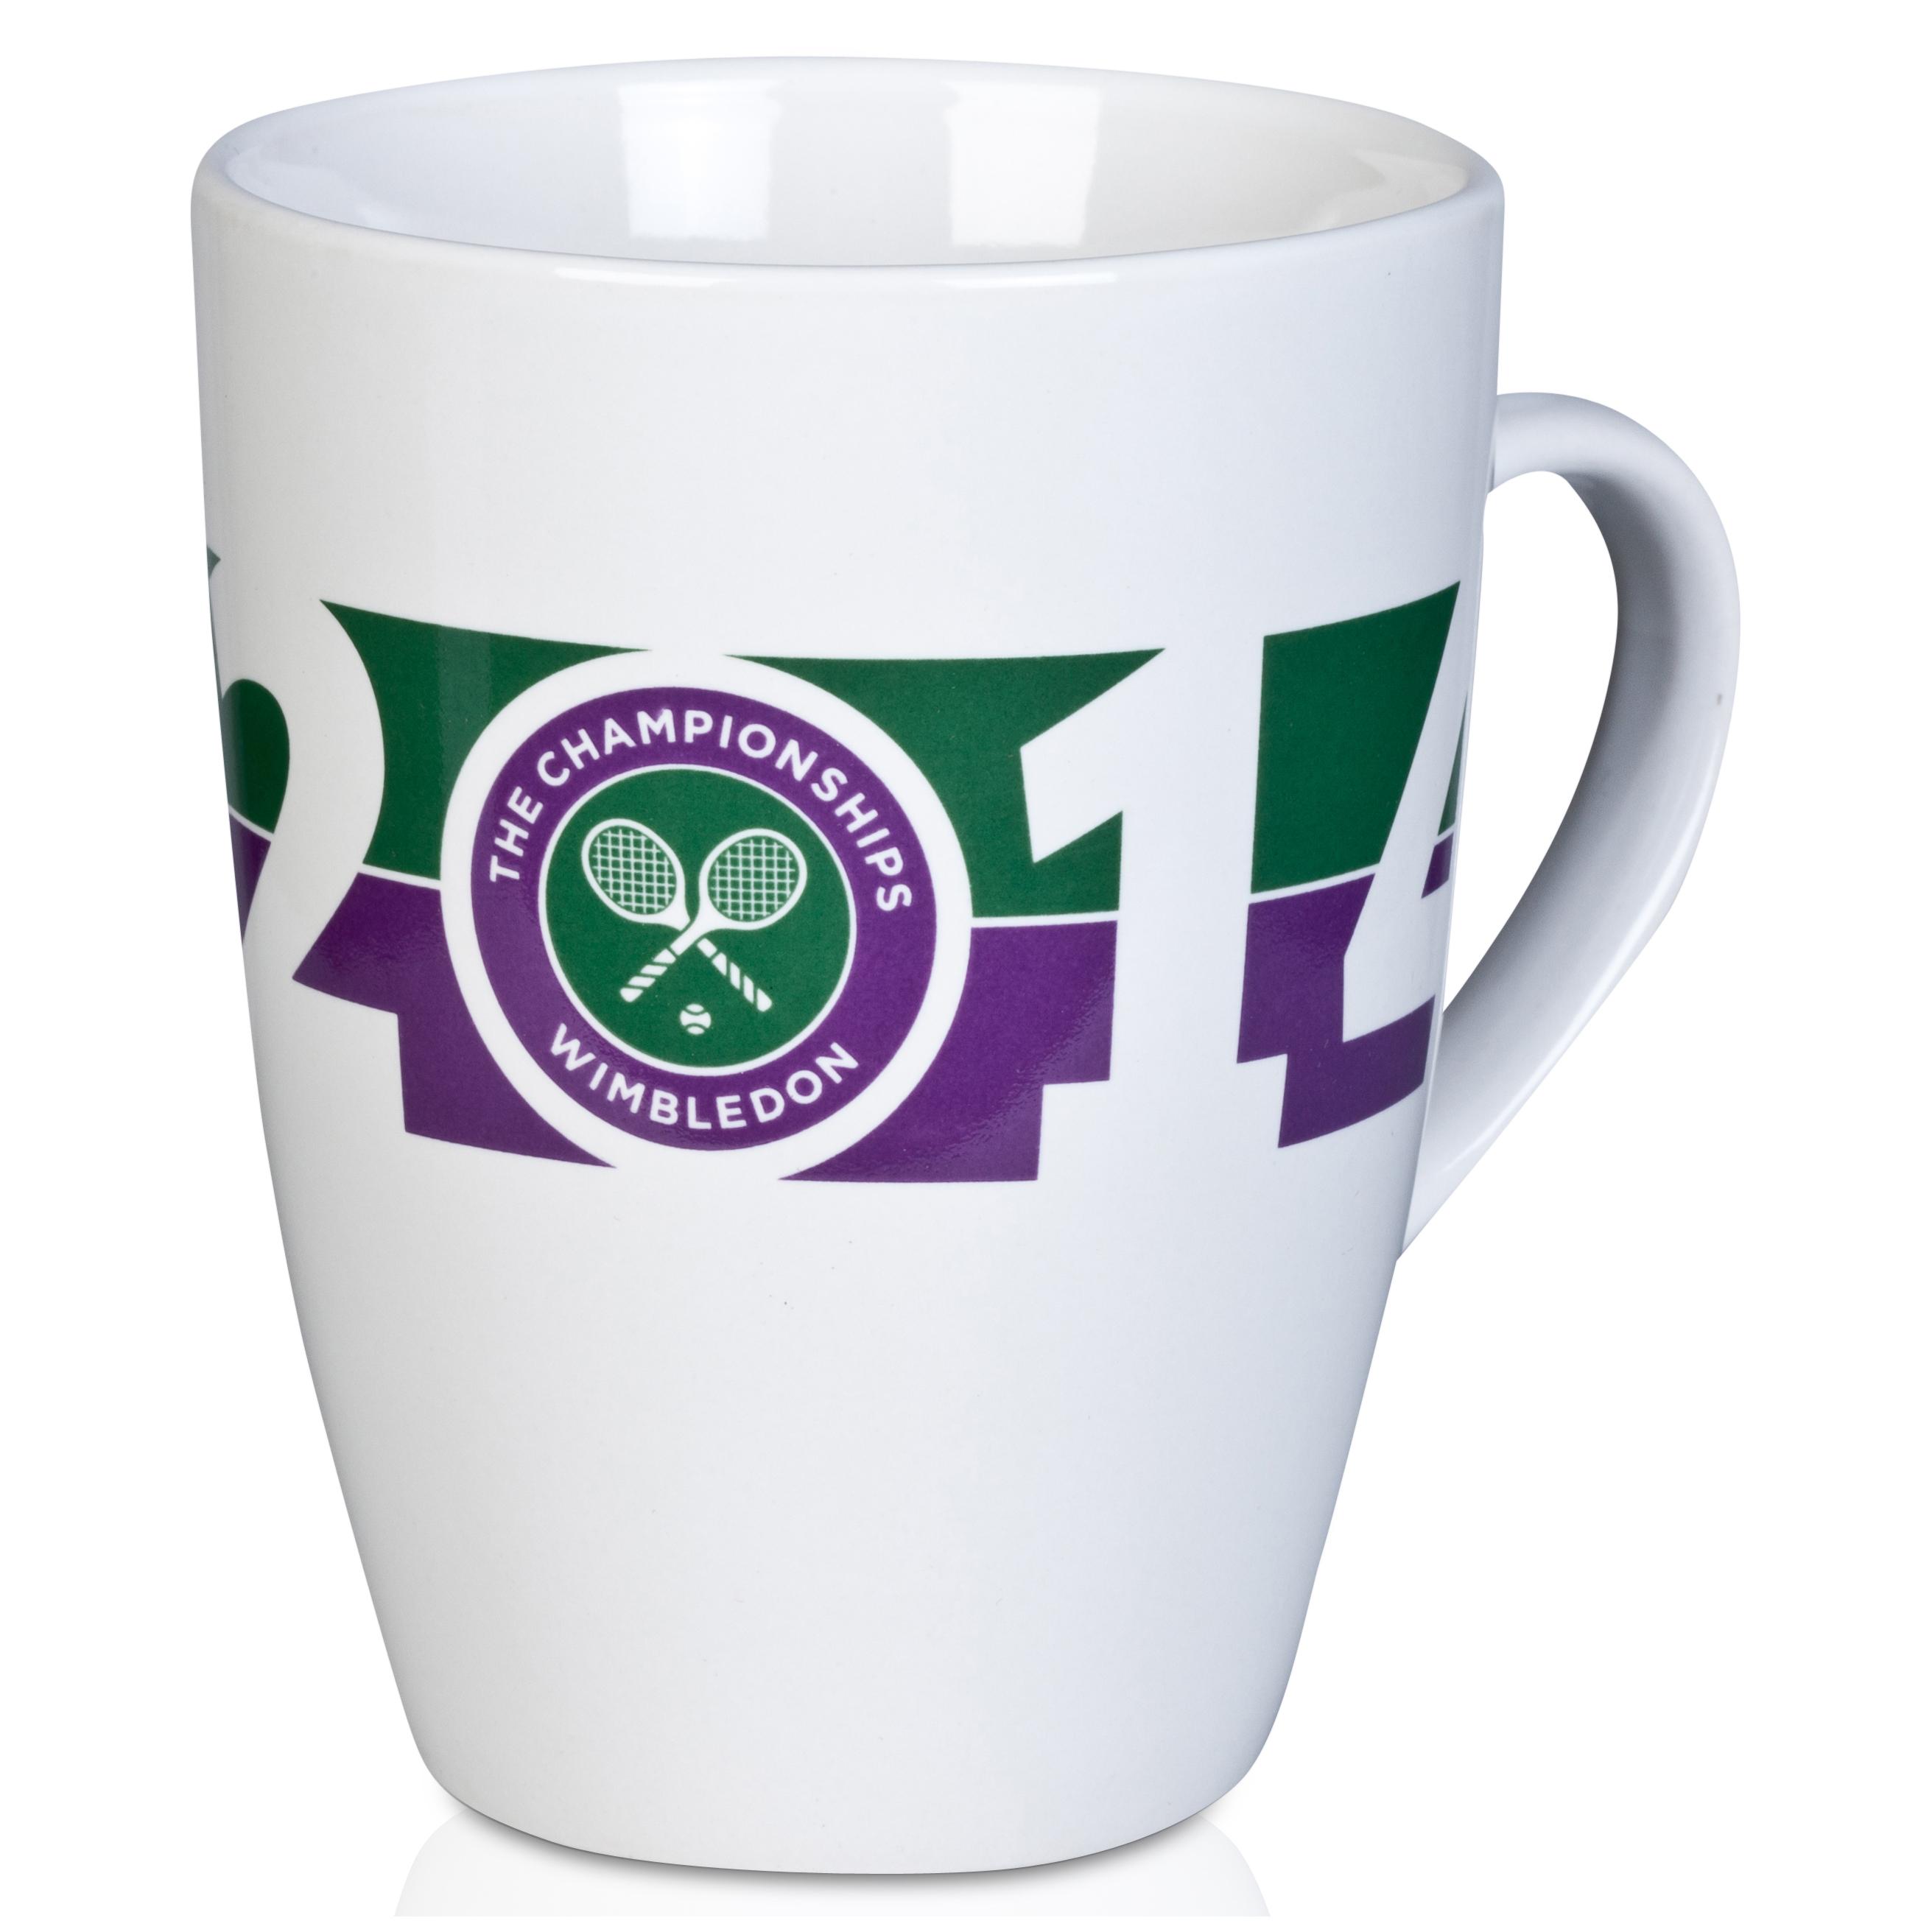 Wimbledon 2014 Date Mug